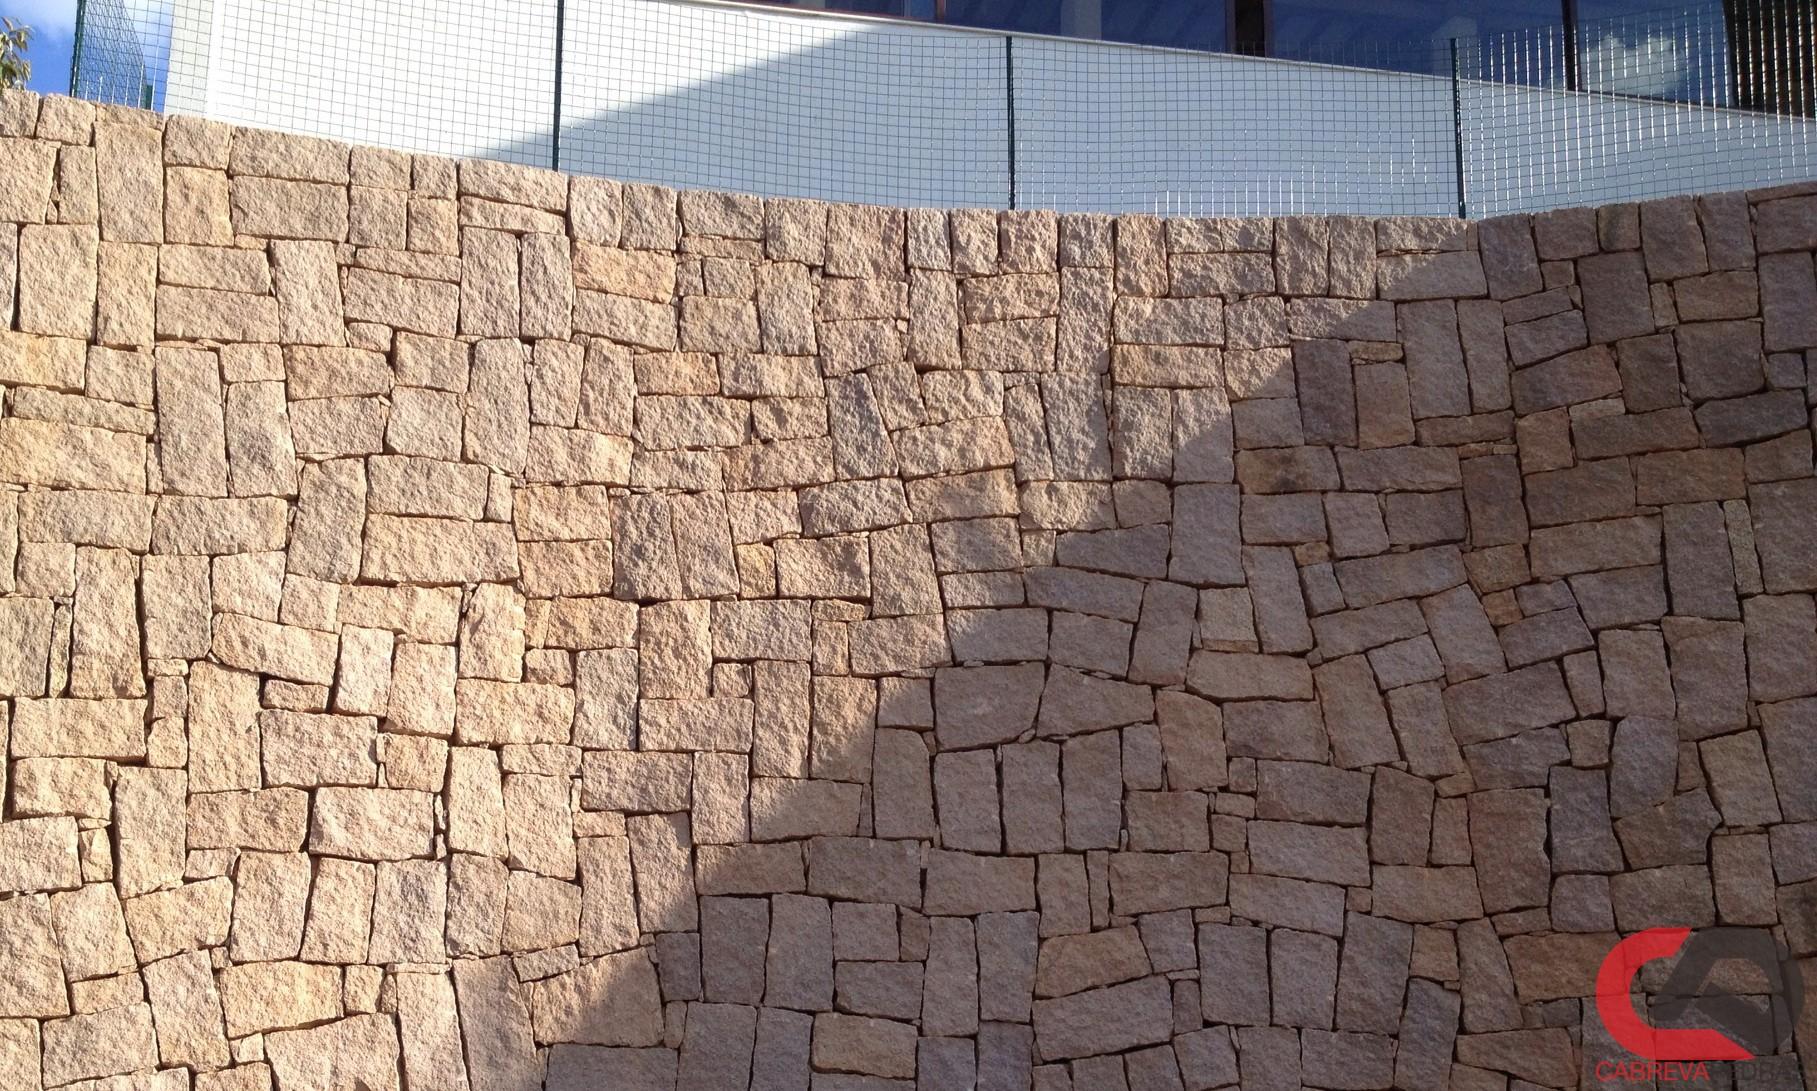 muro de pedra 05 - Muro de Pedra - Material e Mão de Obra Especializada